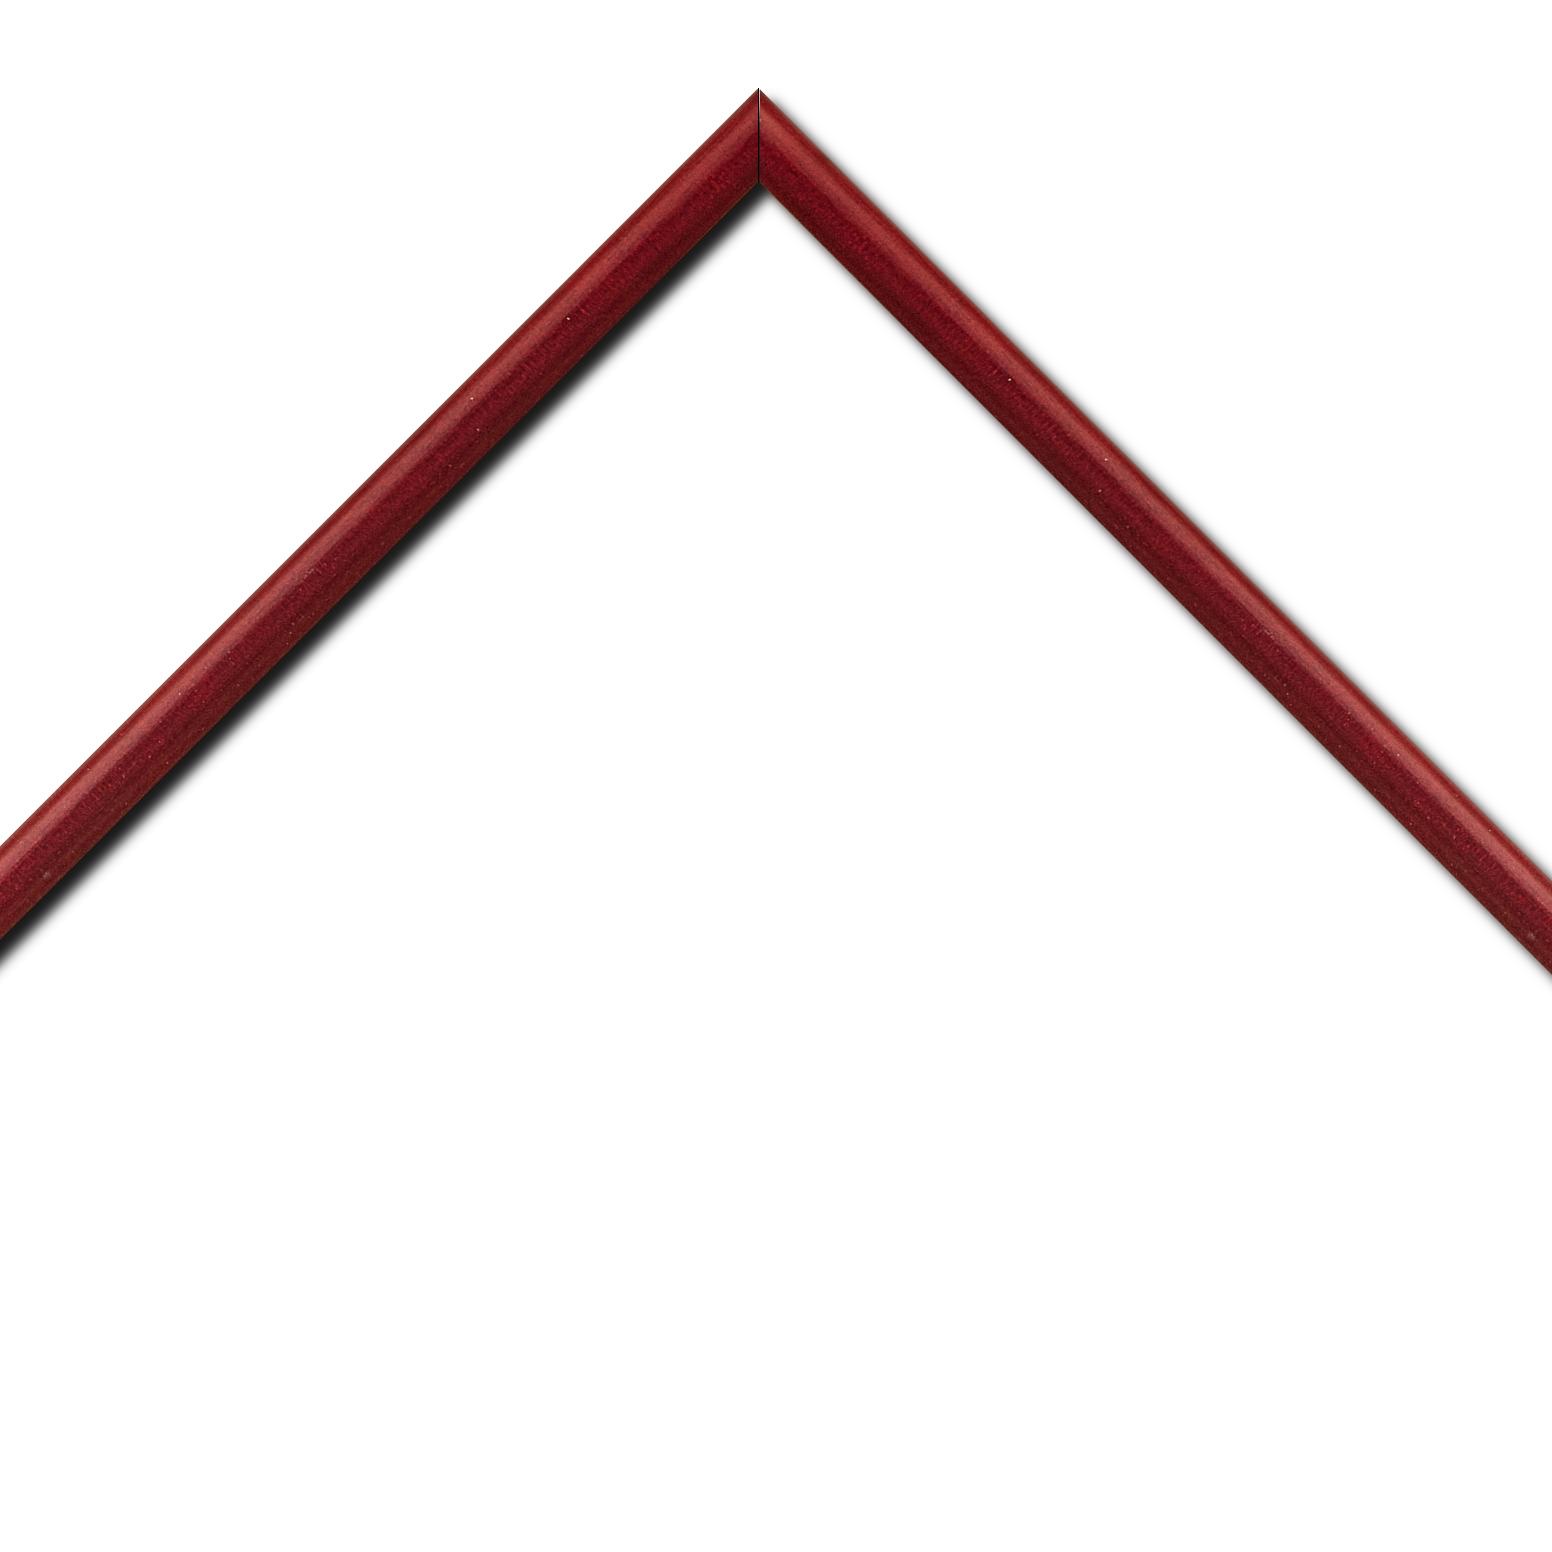 Baguette bois profil demi rond largeur 1.5cm couleur bordeaux satiné